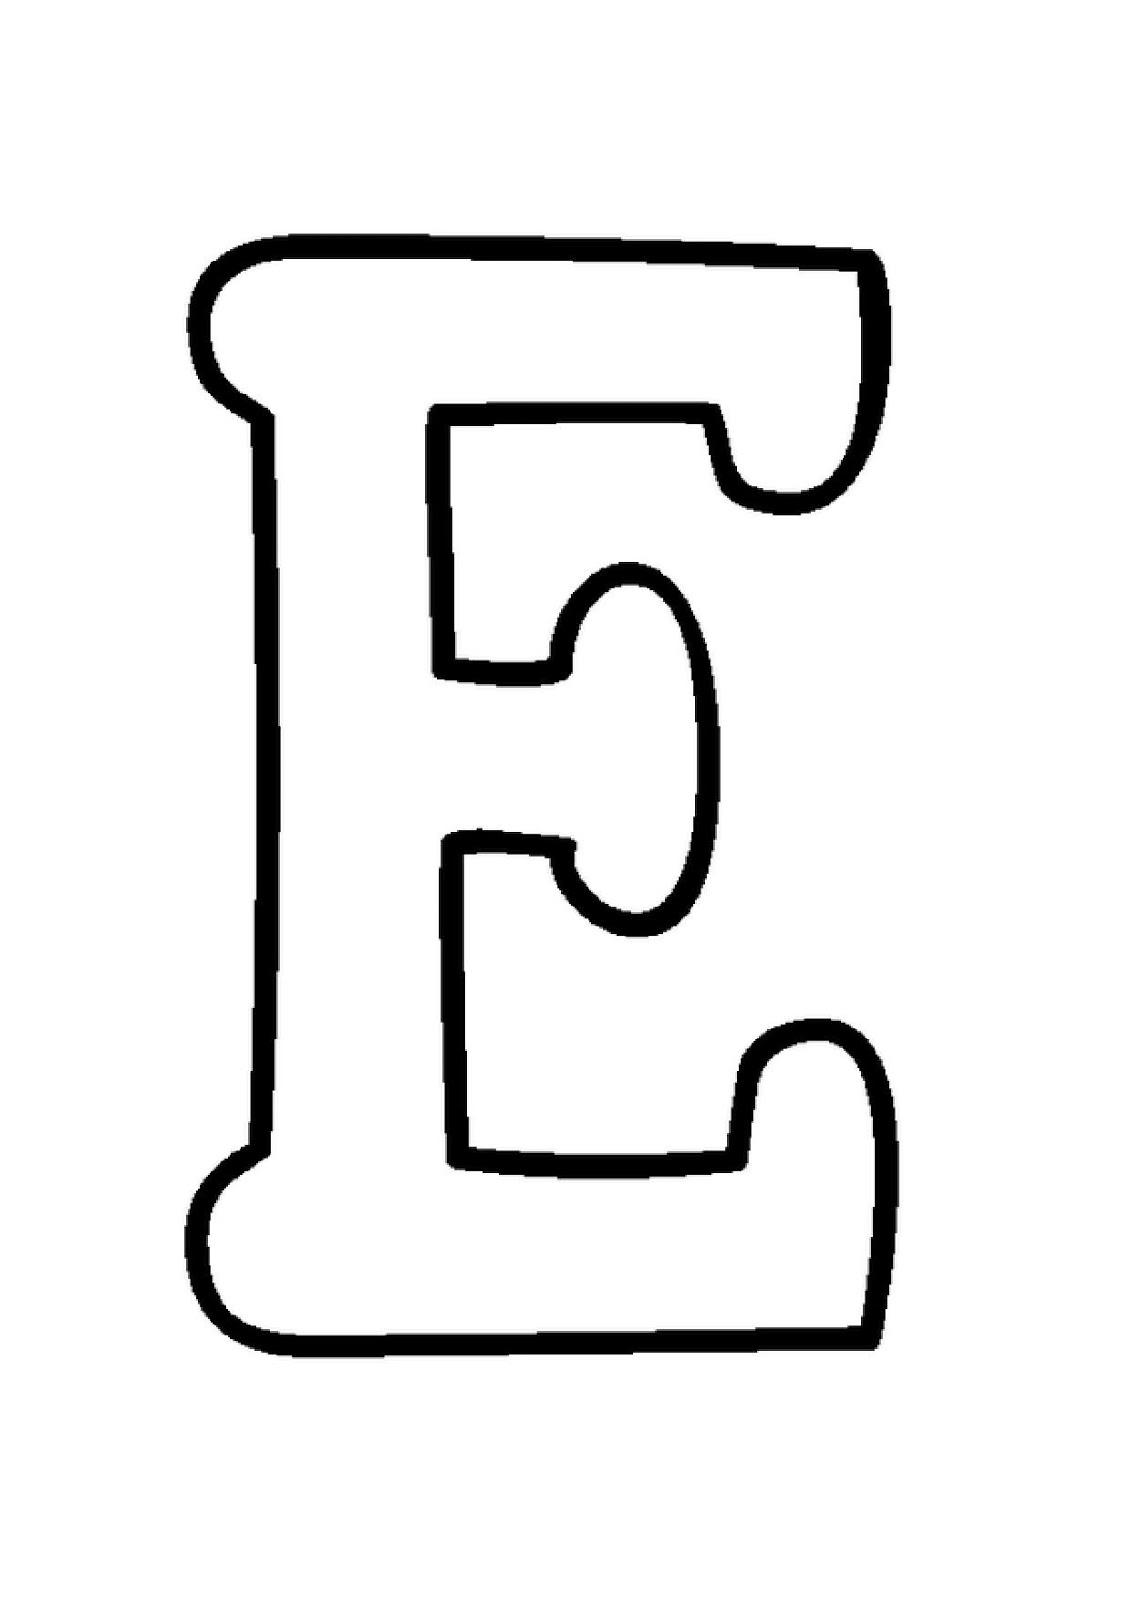 Moldes de letras e numerais tamanho ofício para imprimir